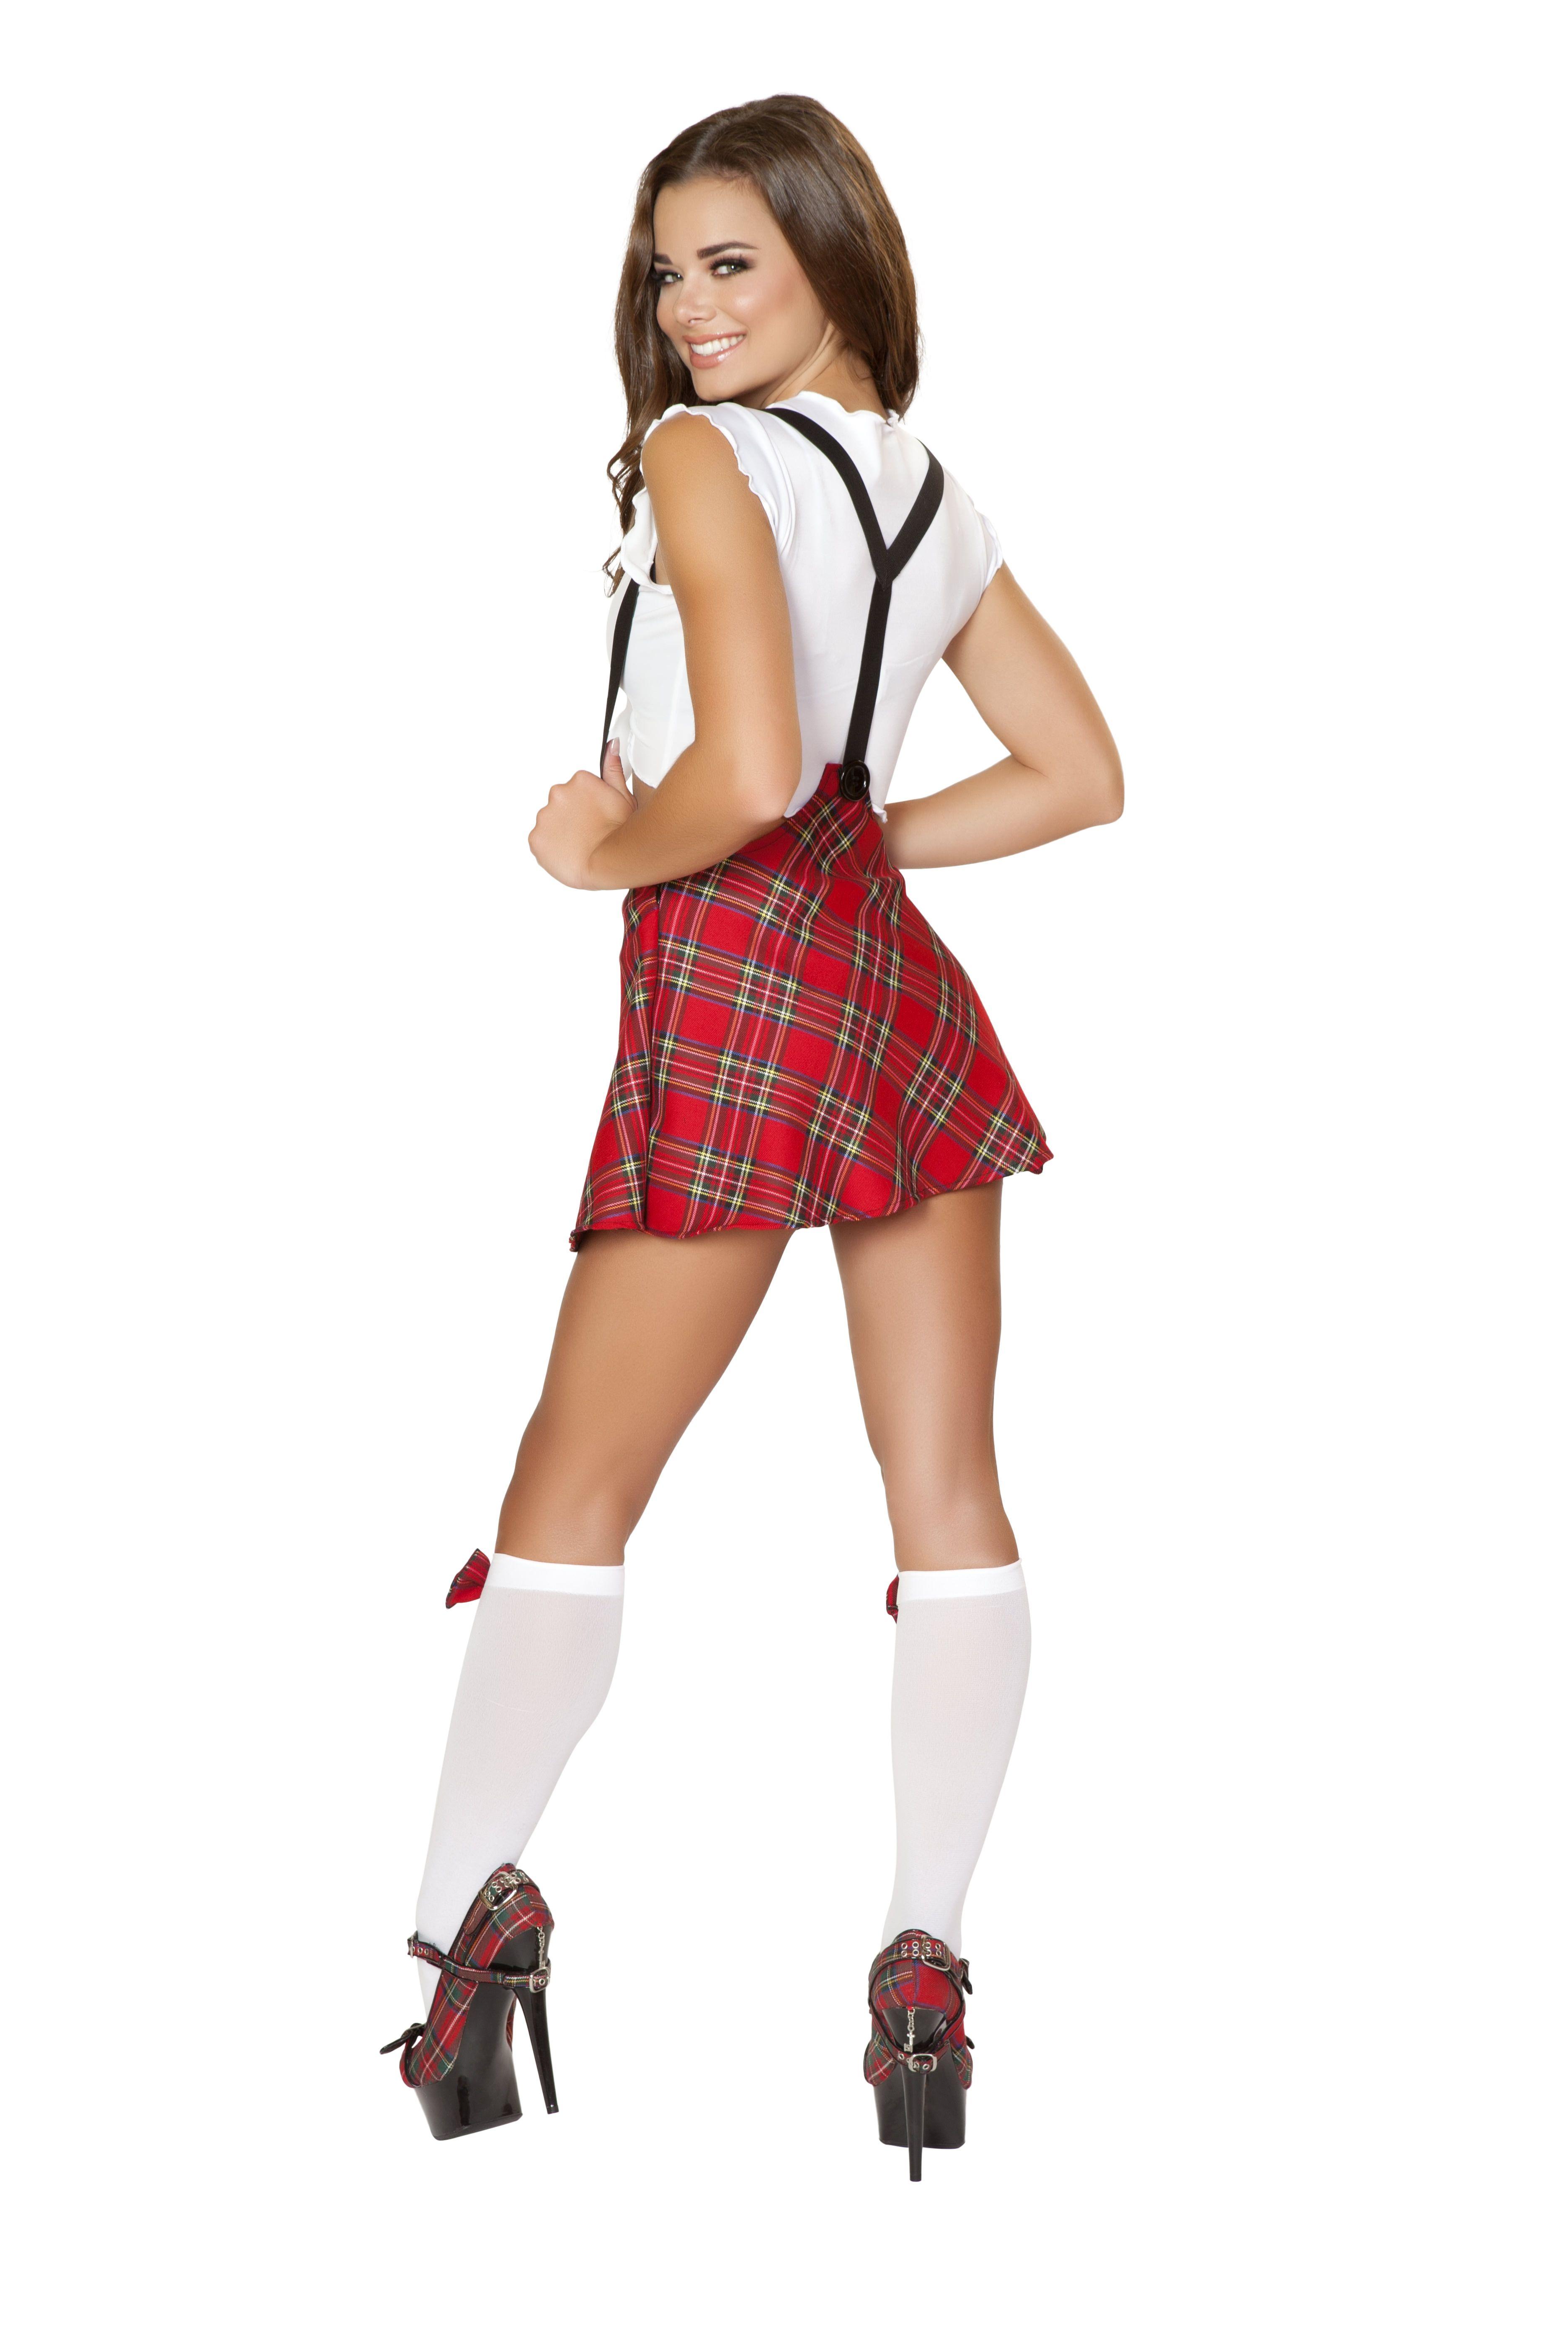 French schoolgirl anal — img 3